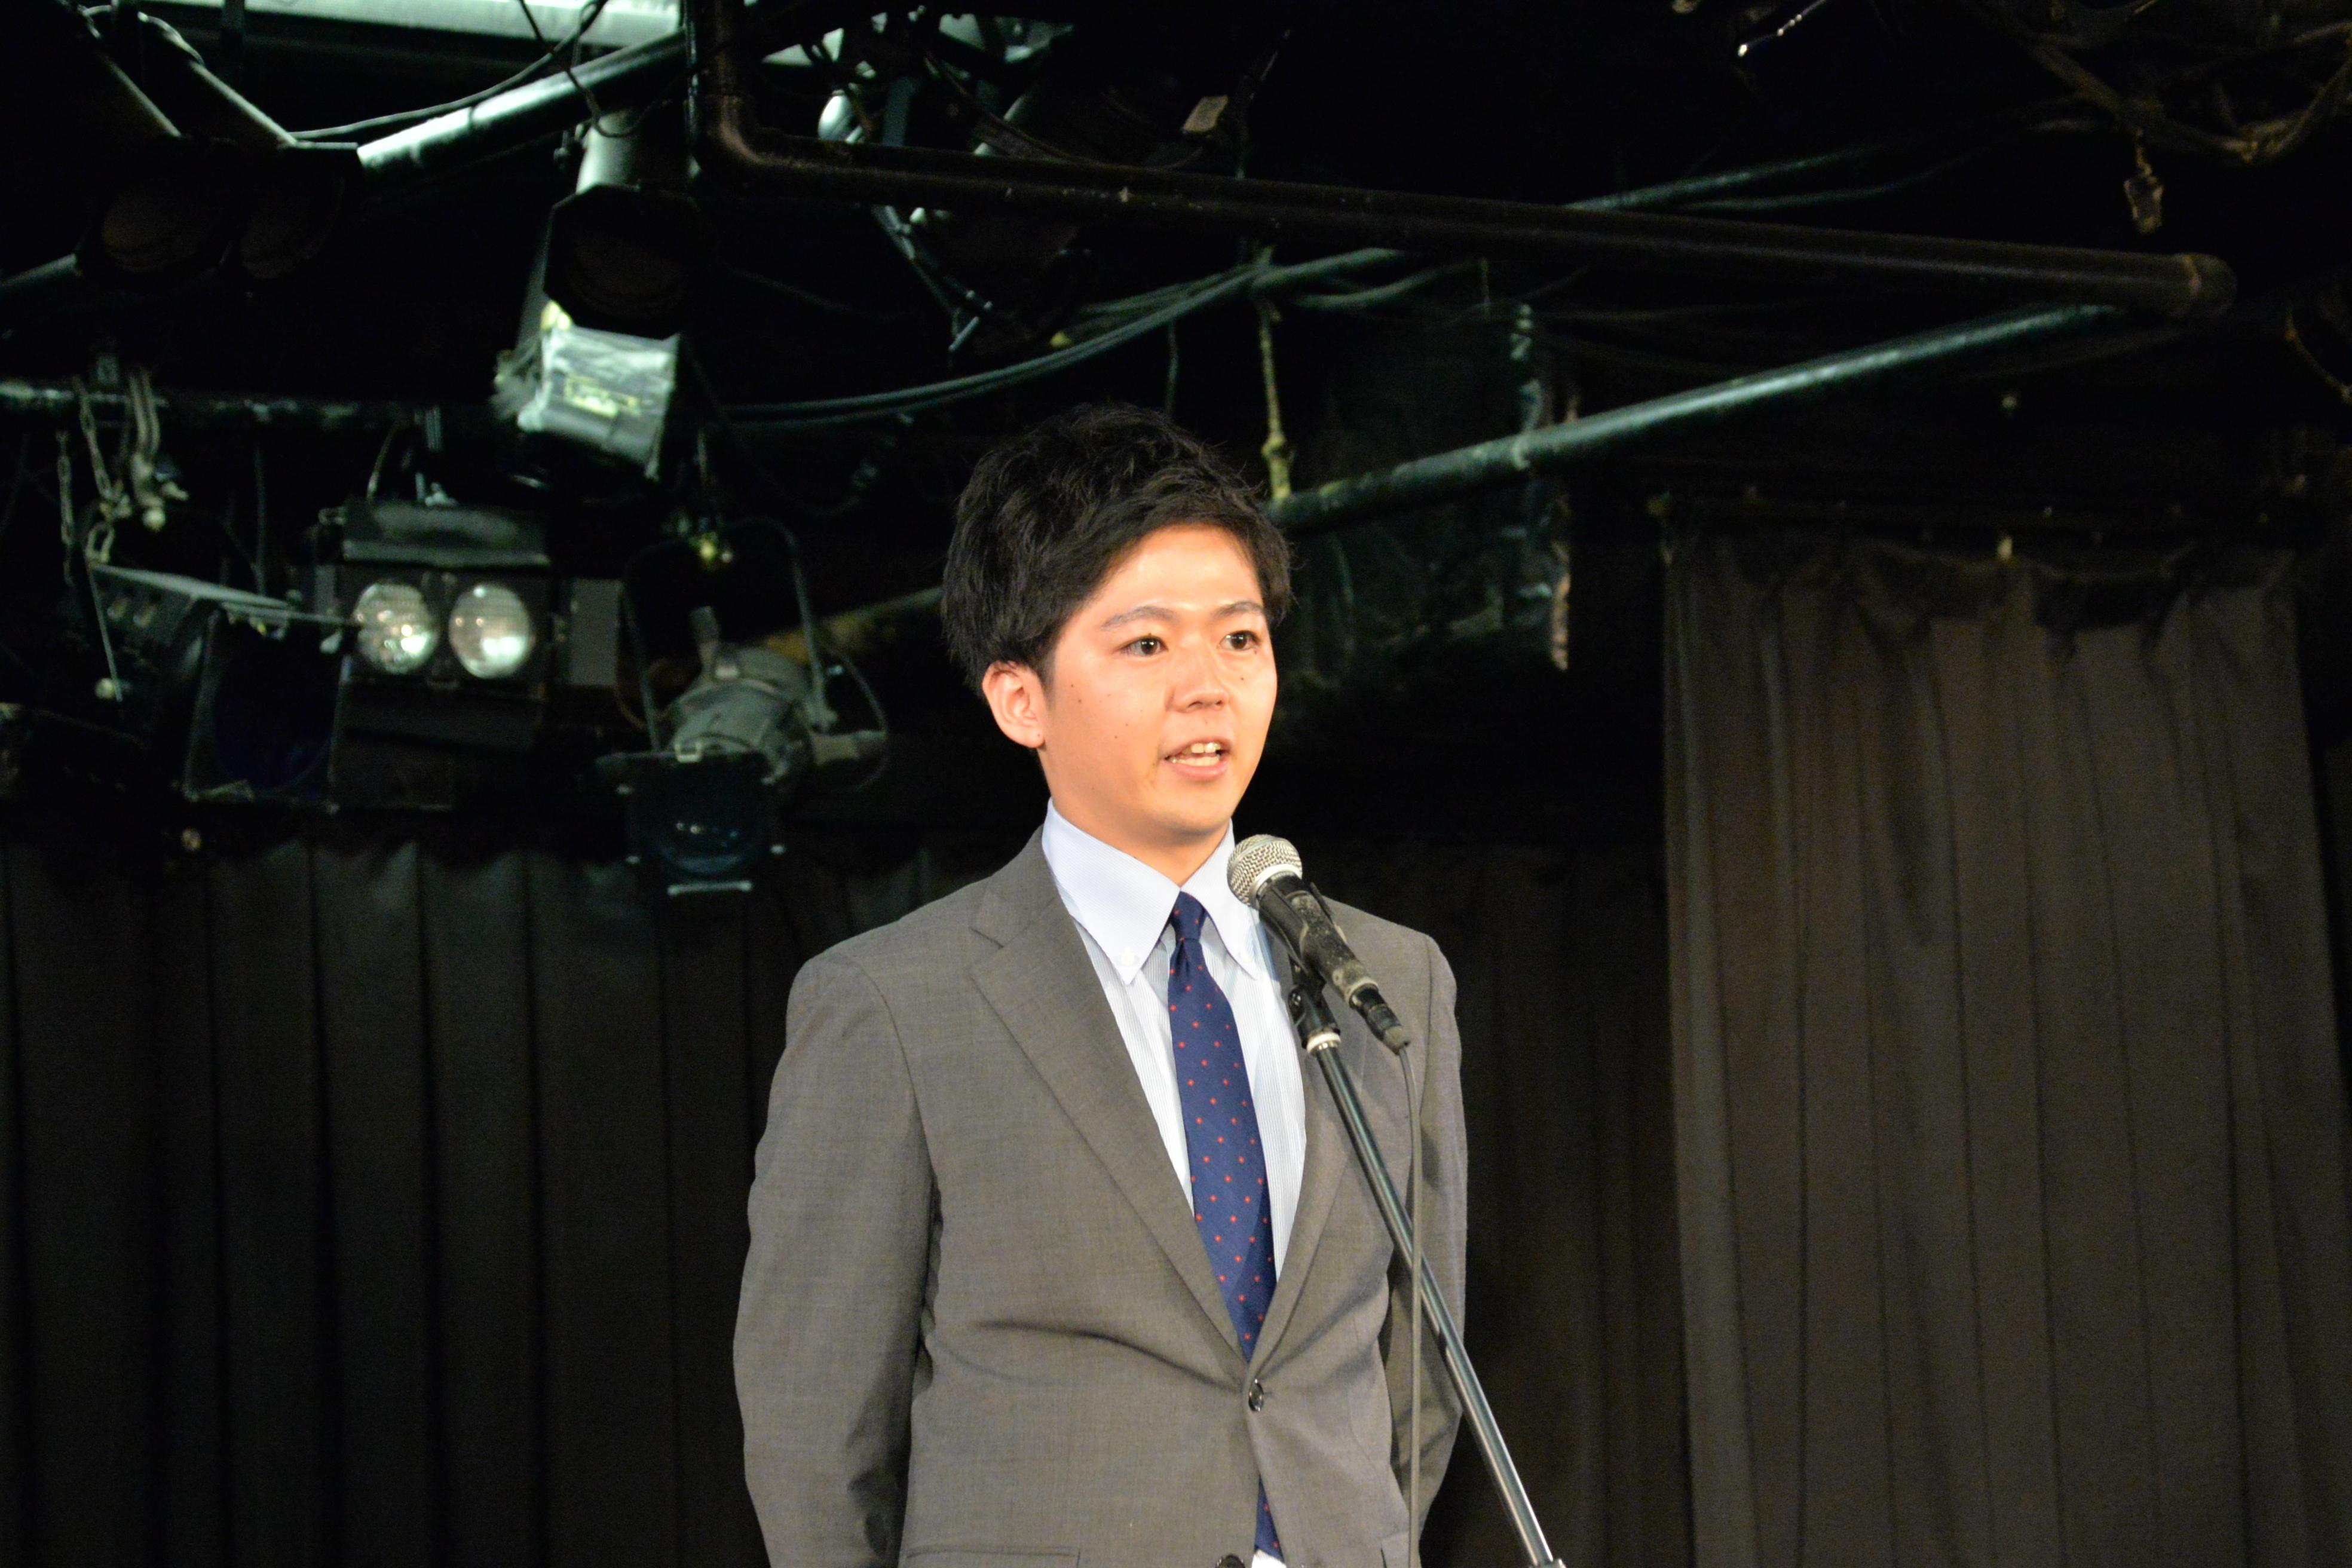 http://news.yoshimoto.co.jp/20180711155707-95e5781349c4827a90d7acbd35f10001a931d7ff.jpg